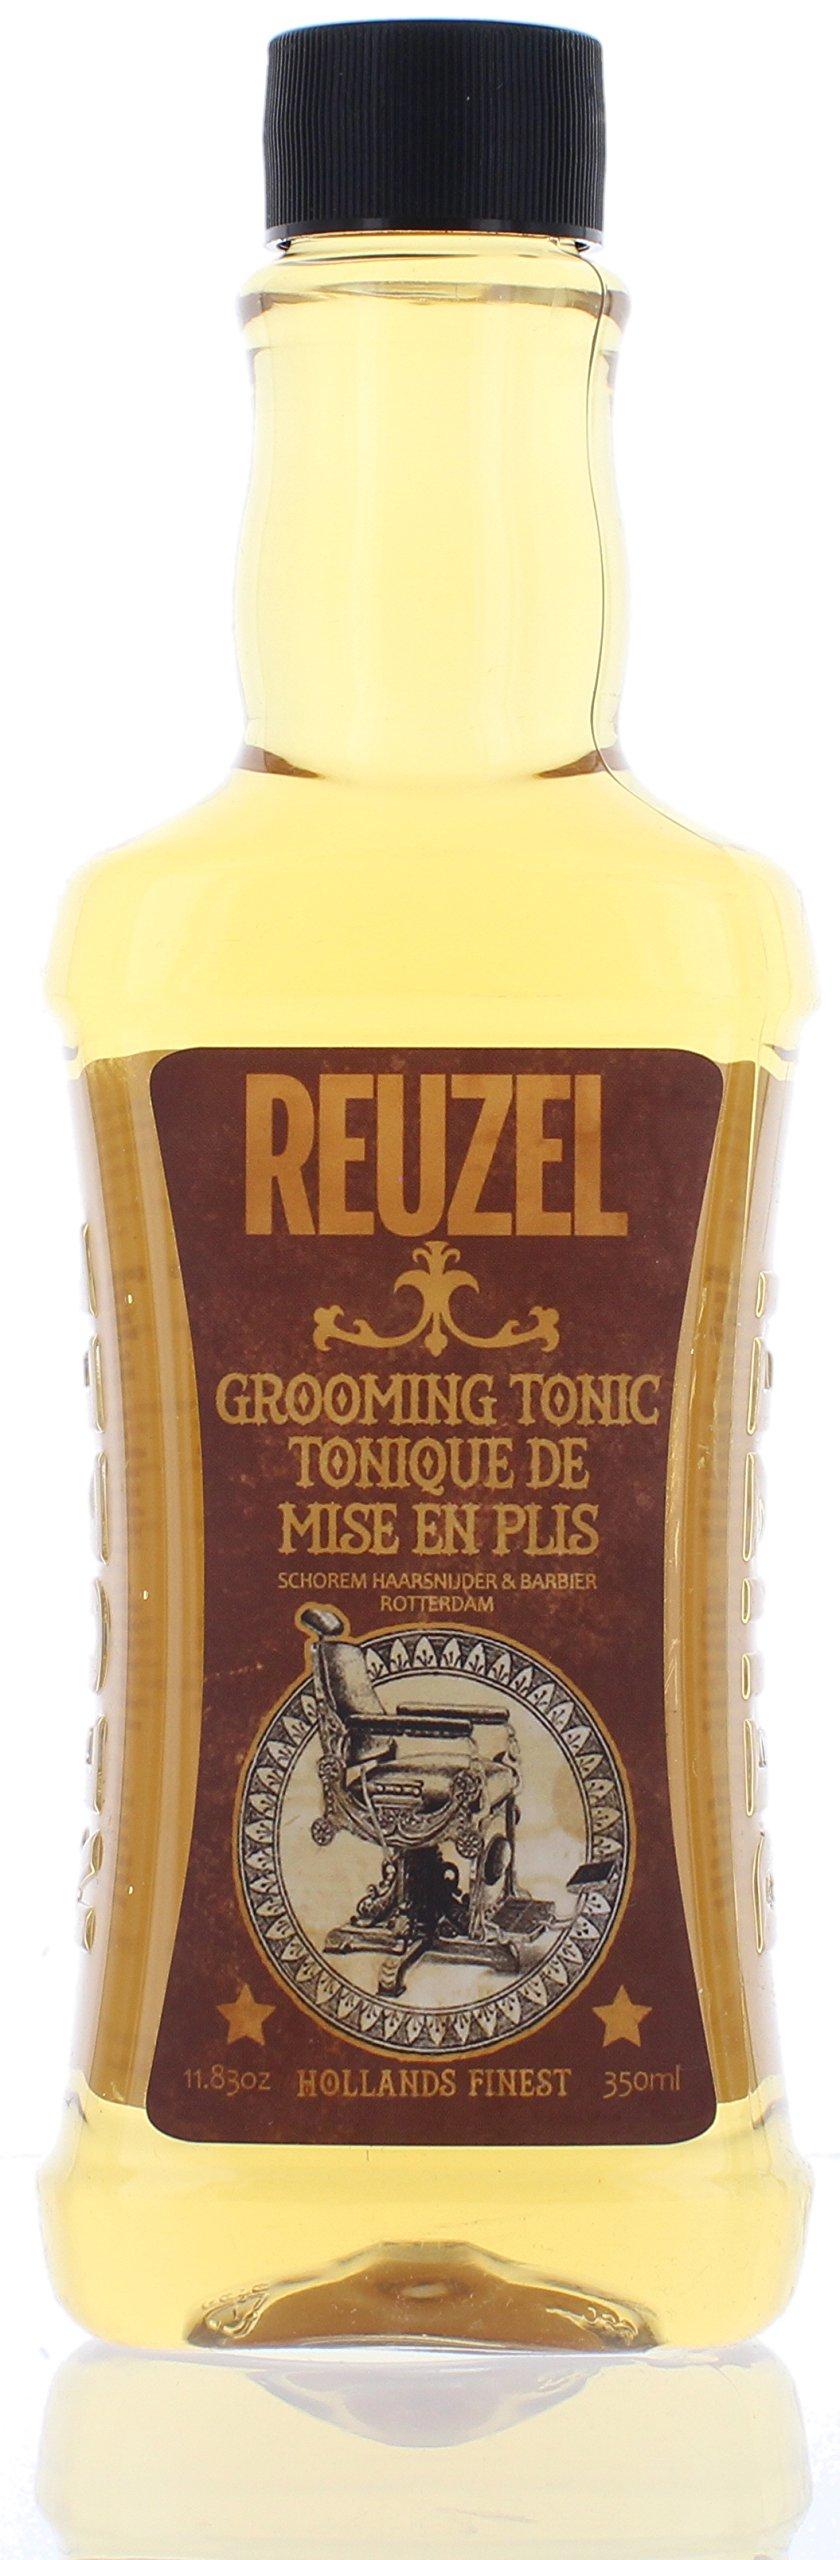 Reuzel Grooming Tonic 11.83 oz